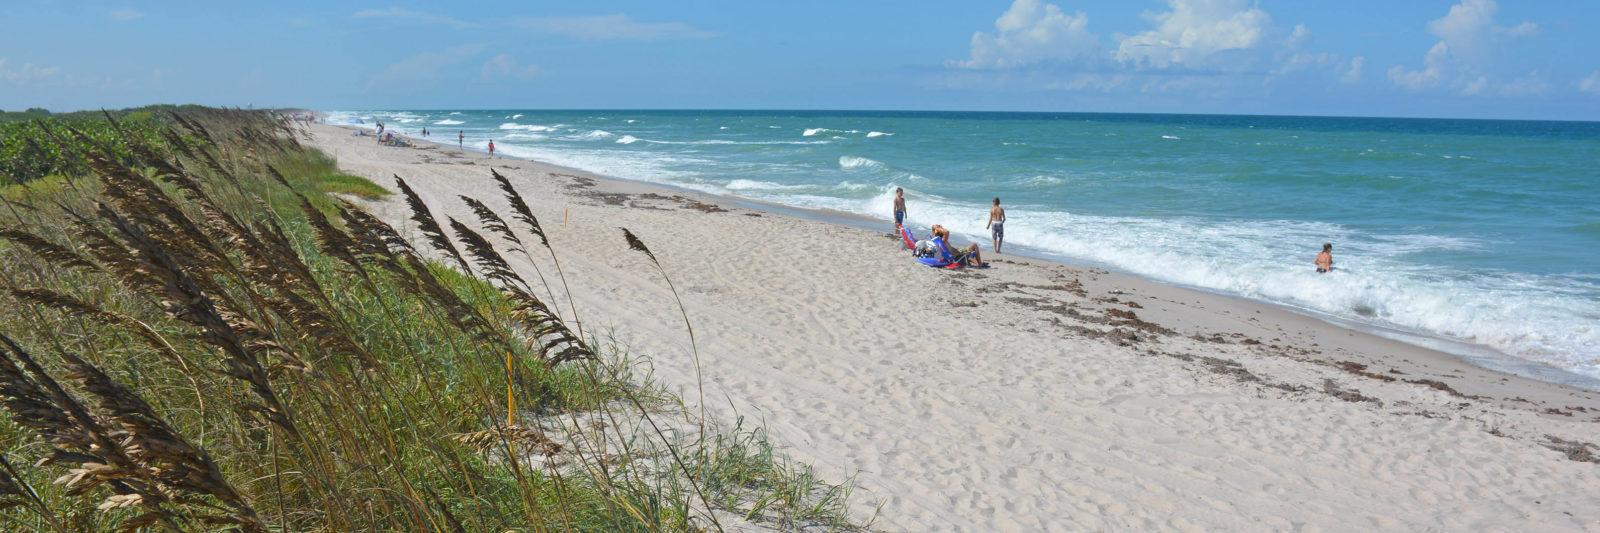 Beach along the Atlantic Ocean